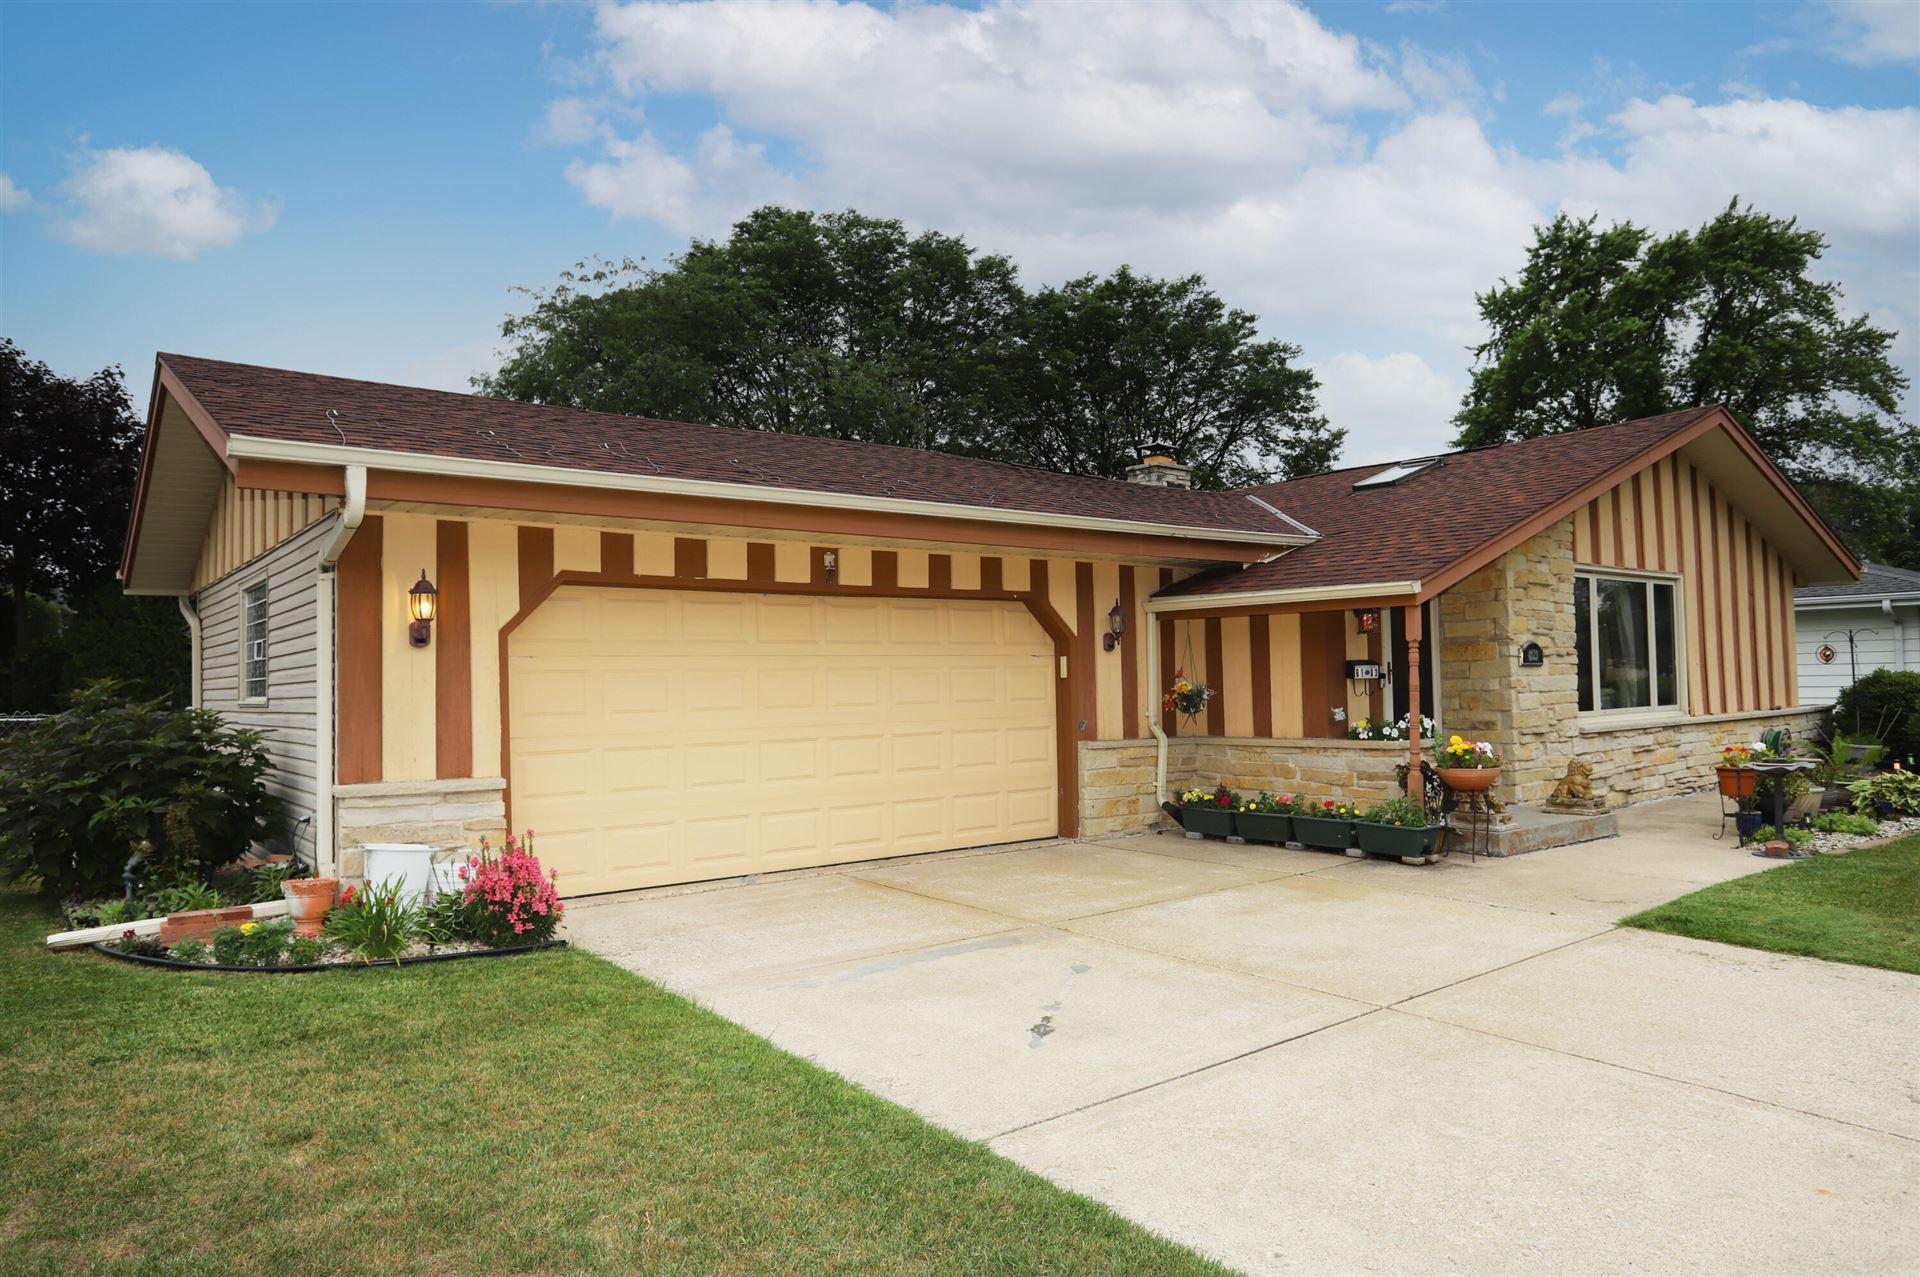 6103 Twin Oak Dr, Greendale, WI 53129 - MLS#: 1751271